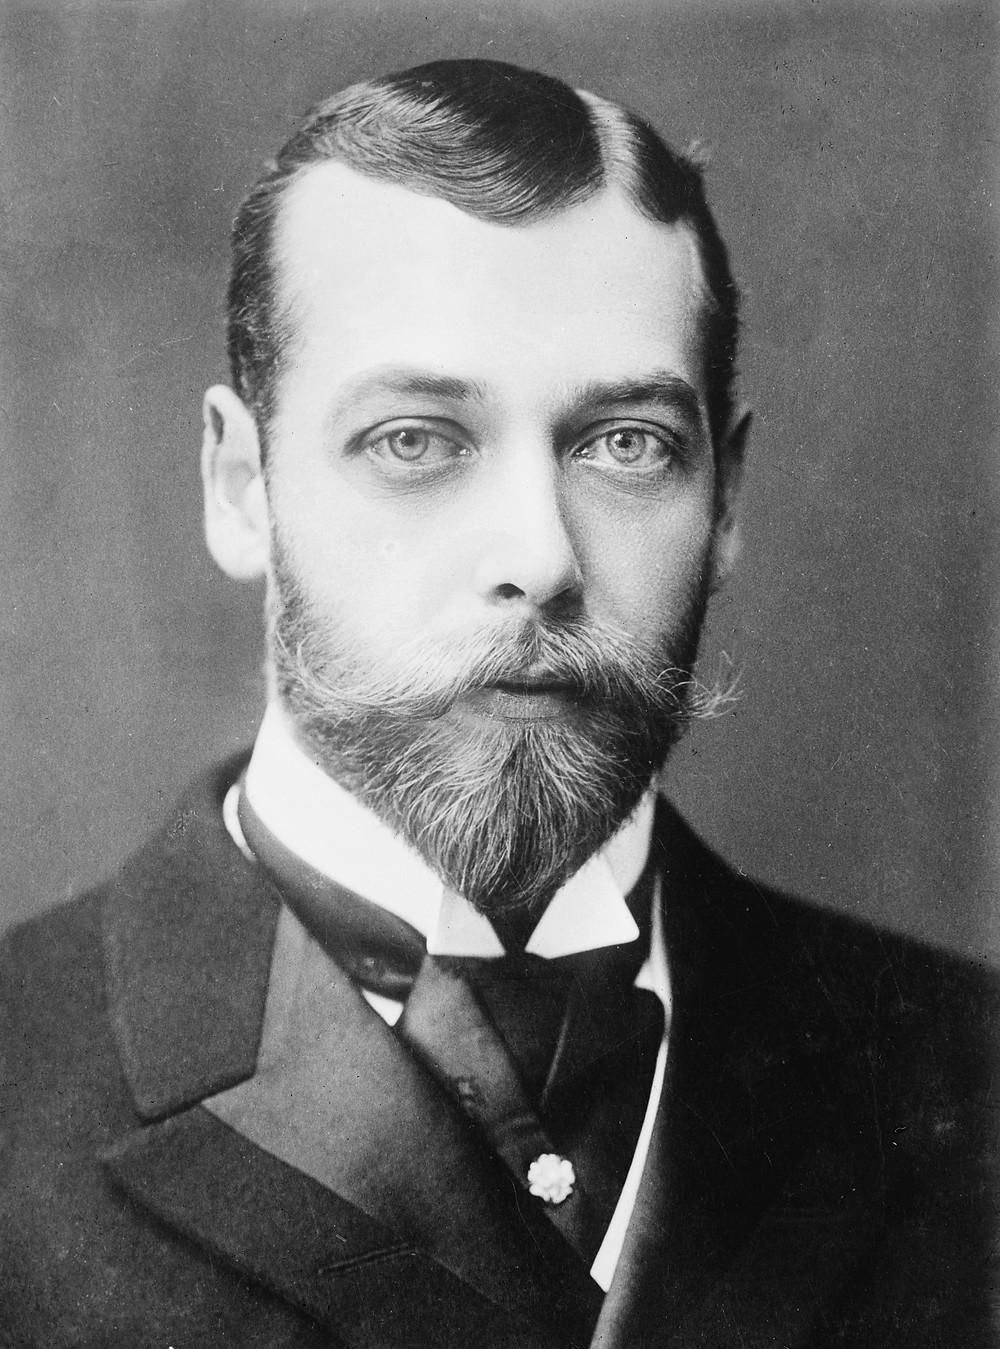 King George V portrait c.1900